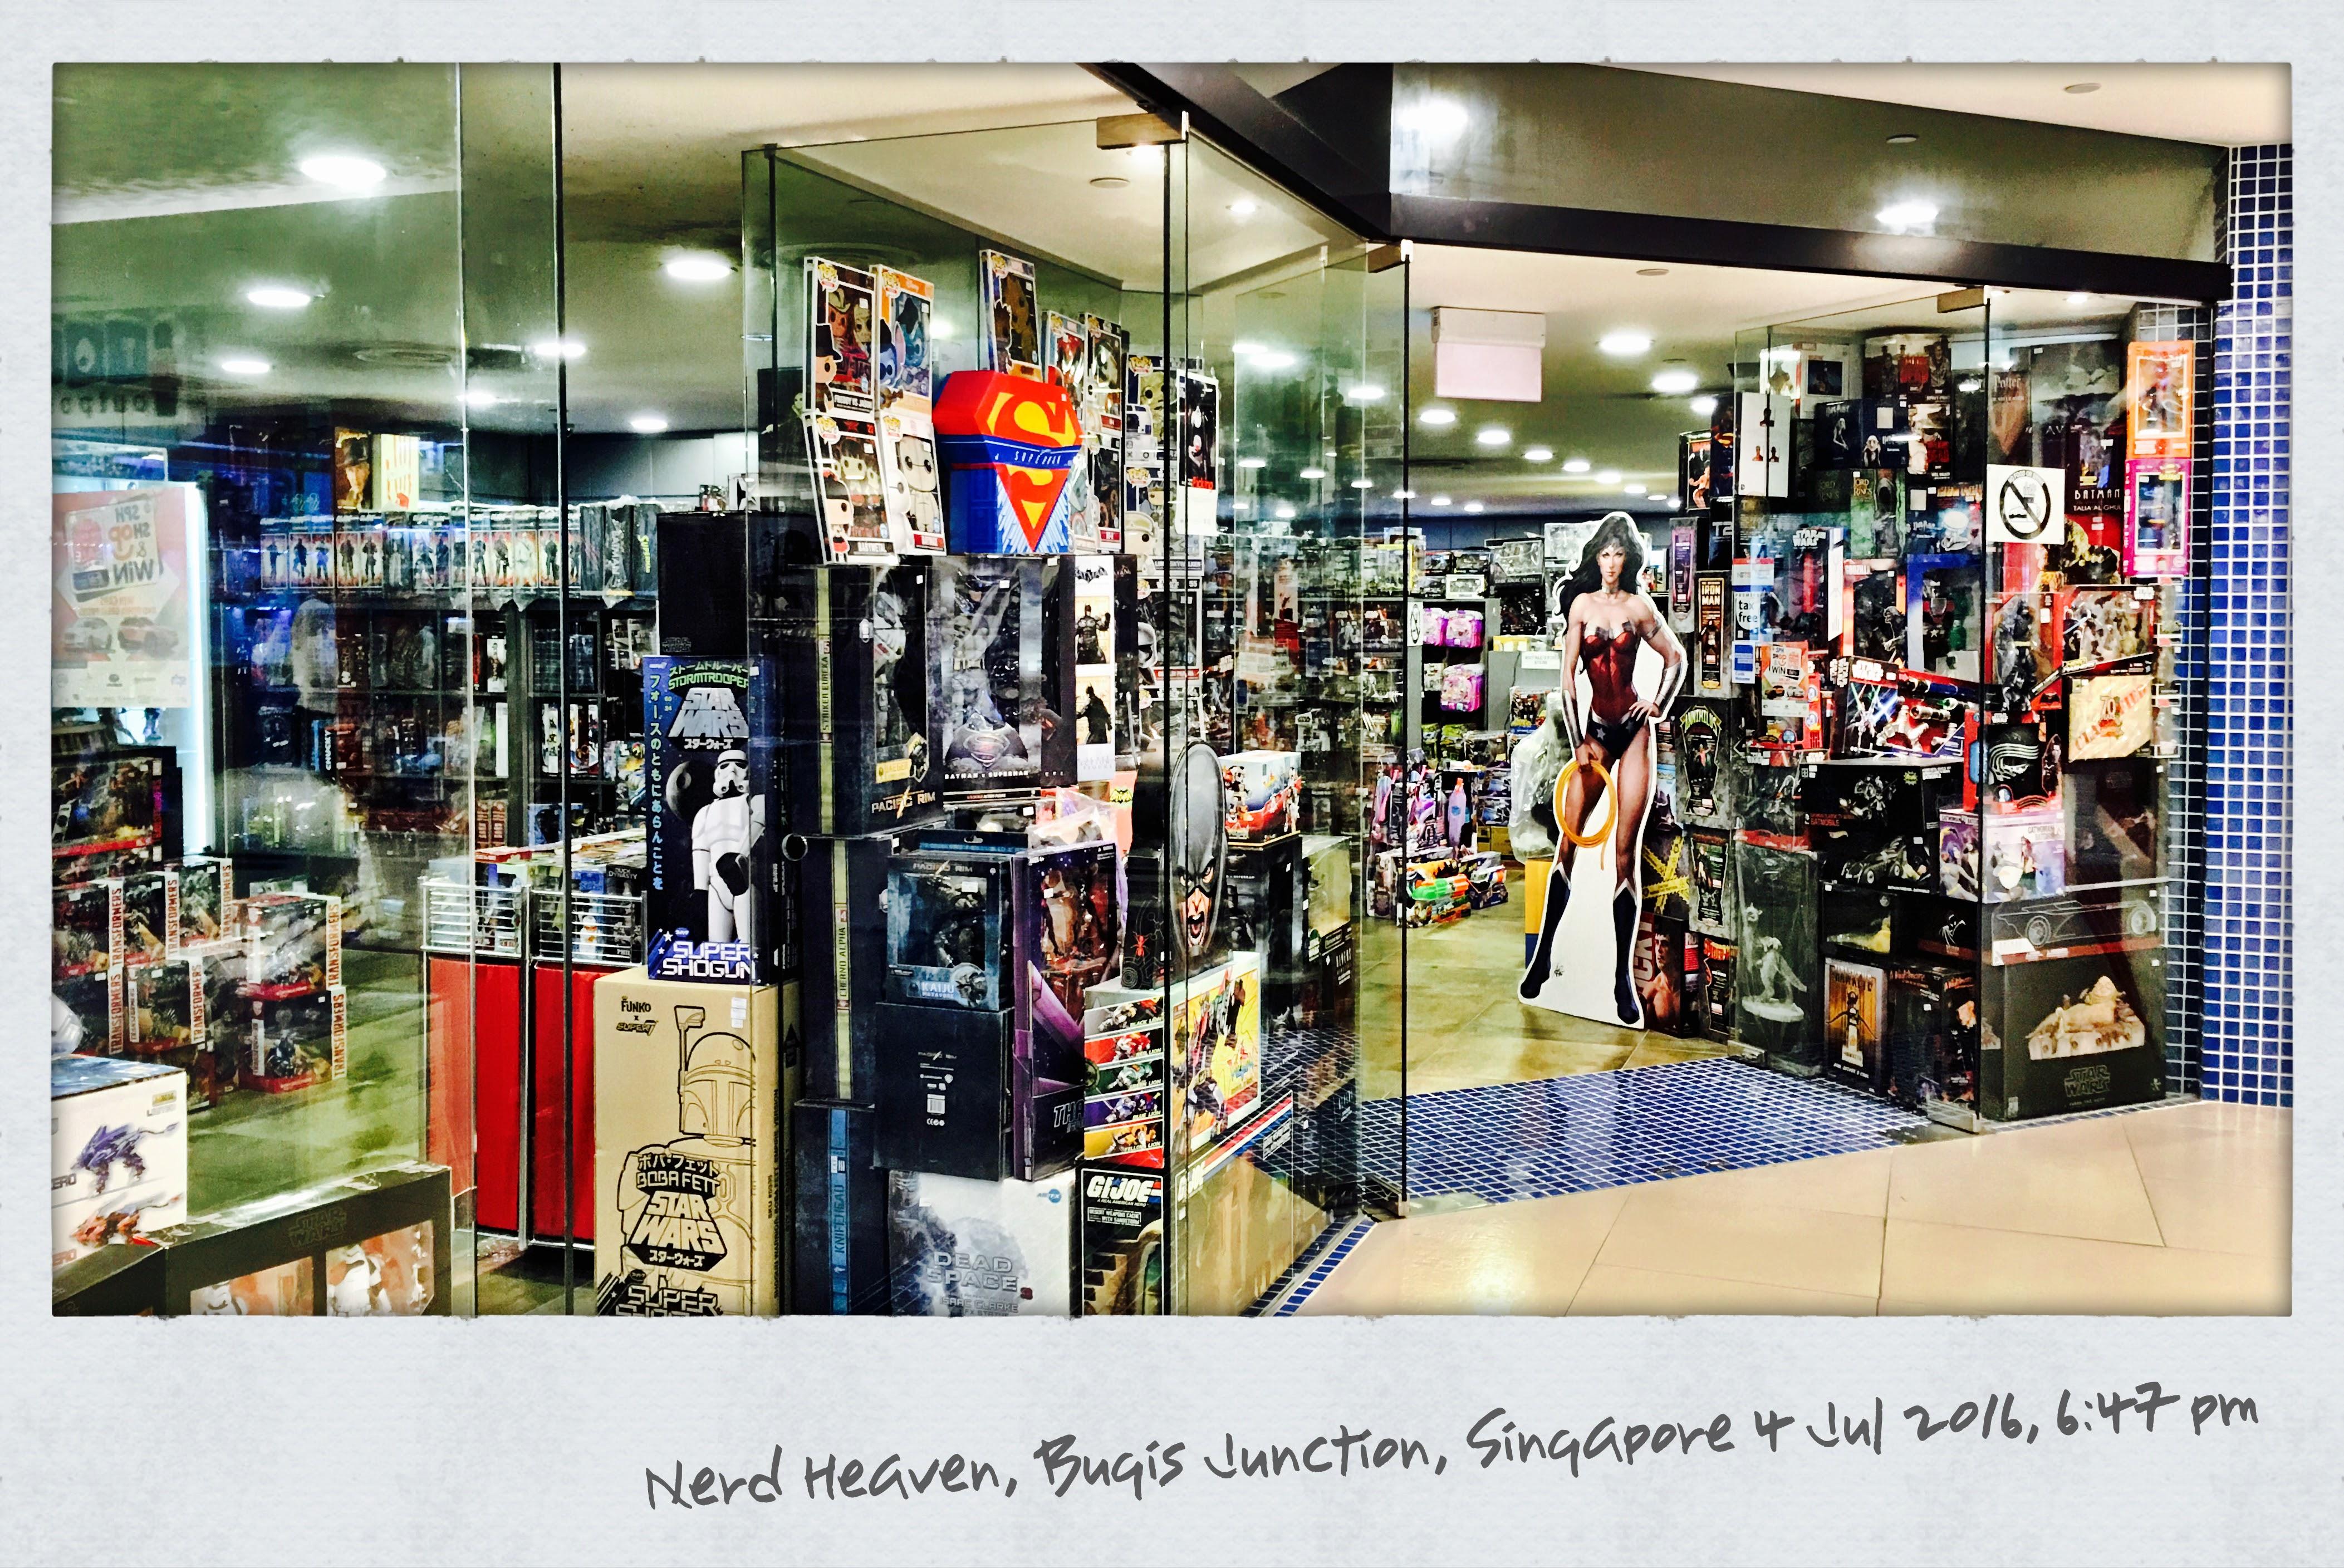 nerd-heaven-at-bugis-junction